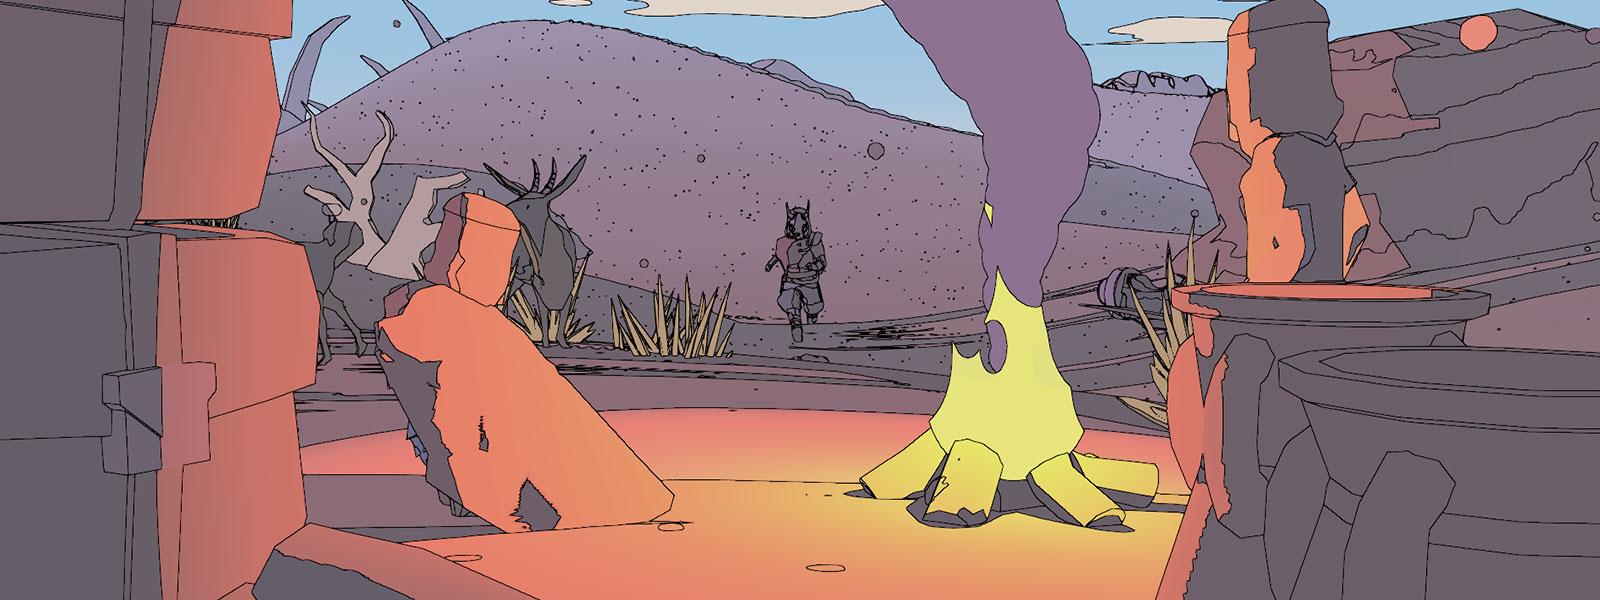 Η Sable τρέχει προς μια φωτιά